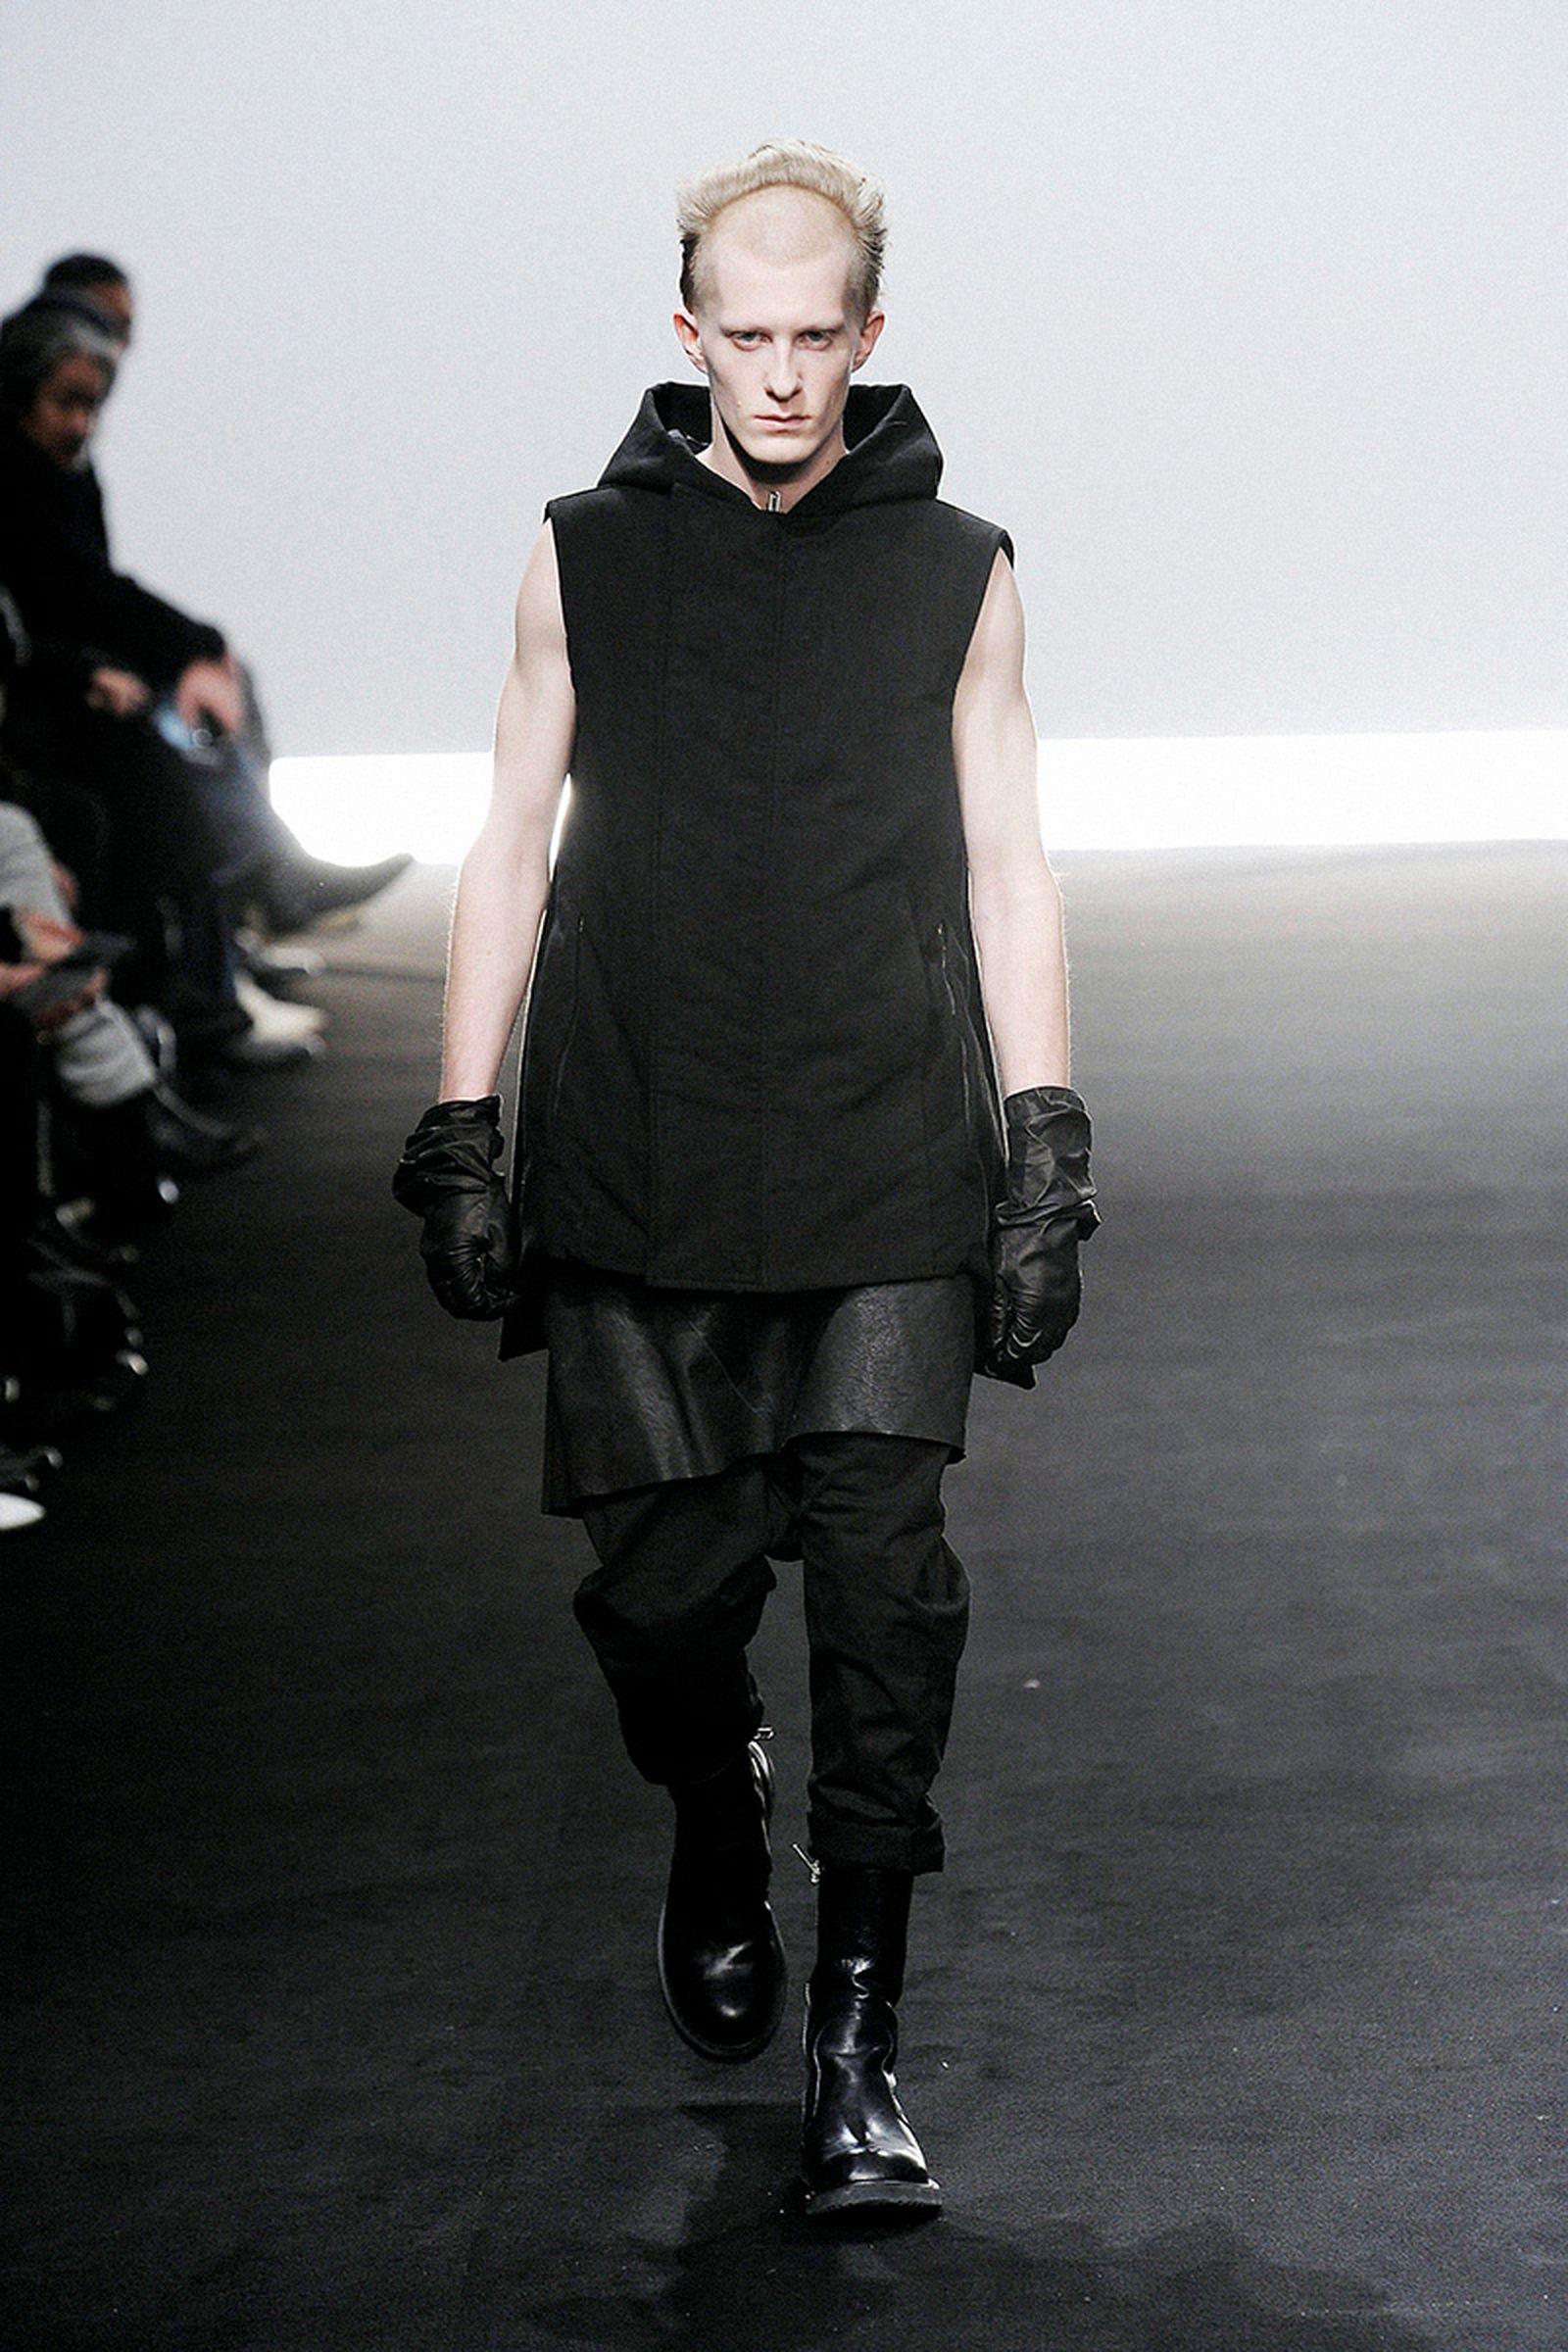 the-12-fashion-shows-that-changed-mens-fashion-rick-owens-05